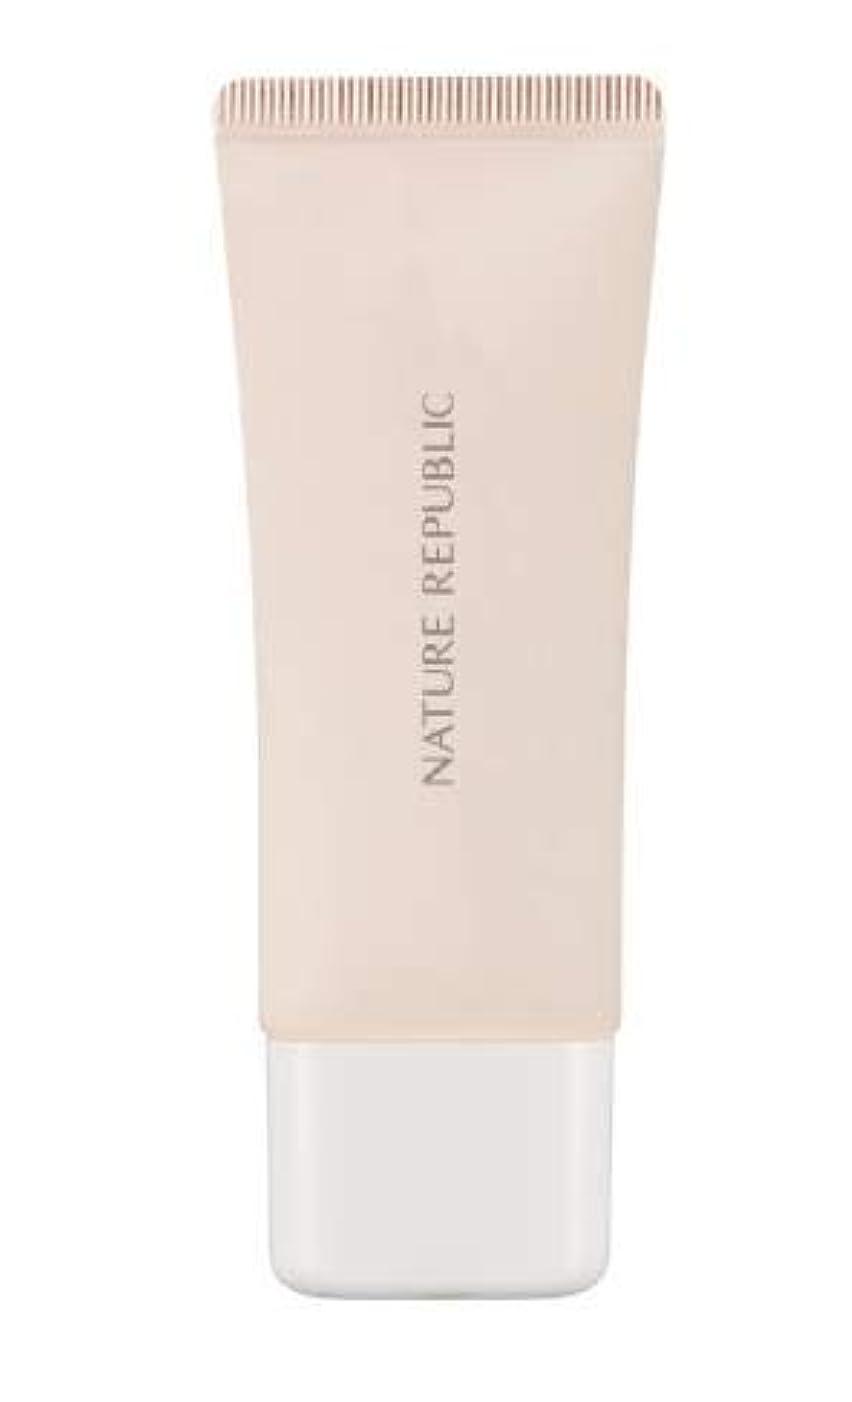 最も遠い拍手スタジオNature Republic Pure Shine Makeup Base # 02 Vanilla Pink/ネイチャーリパブリック ピュアシャインメイクアップベース#02バニラピンクSPF20 PA++ [並行輸入品]